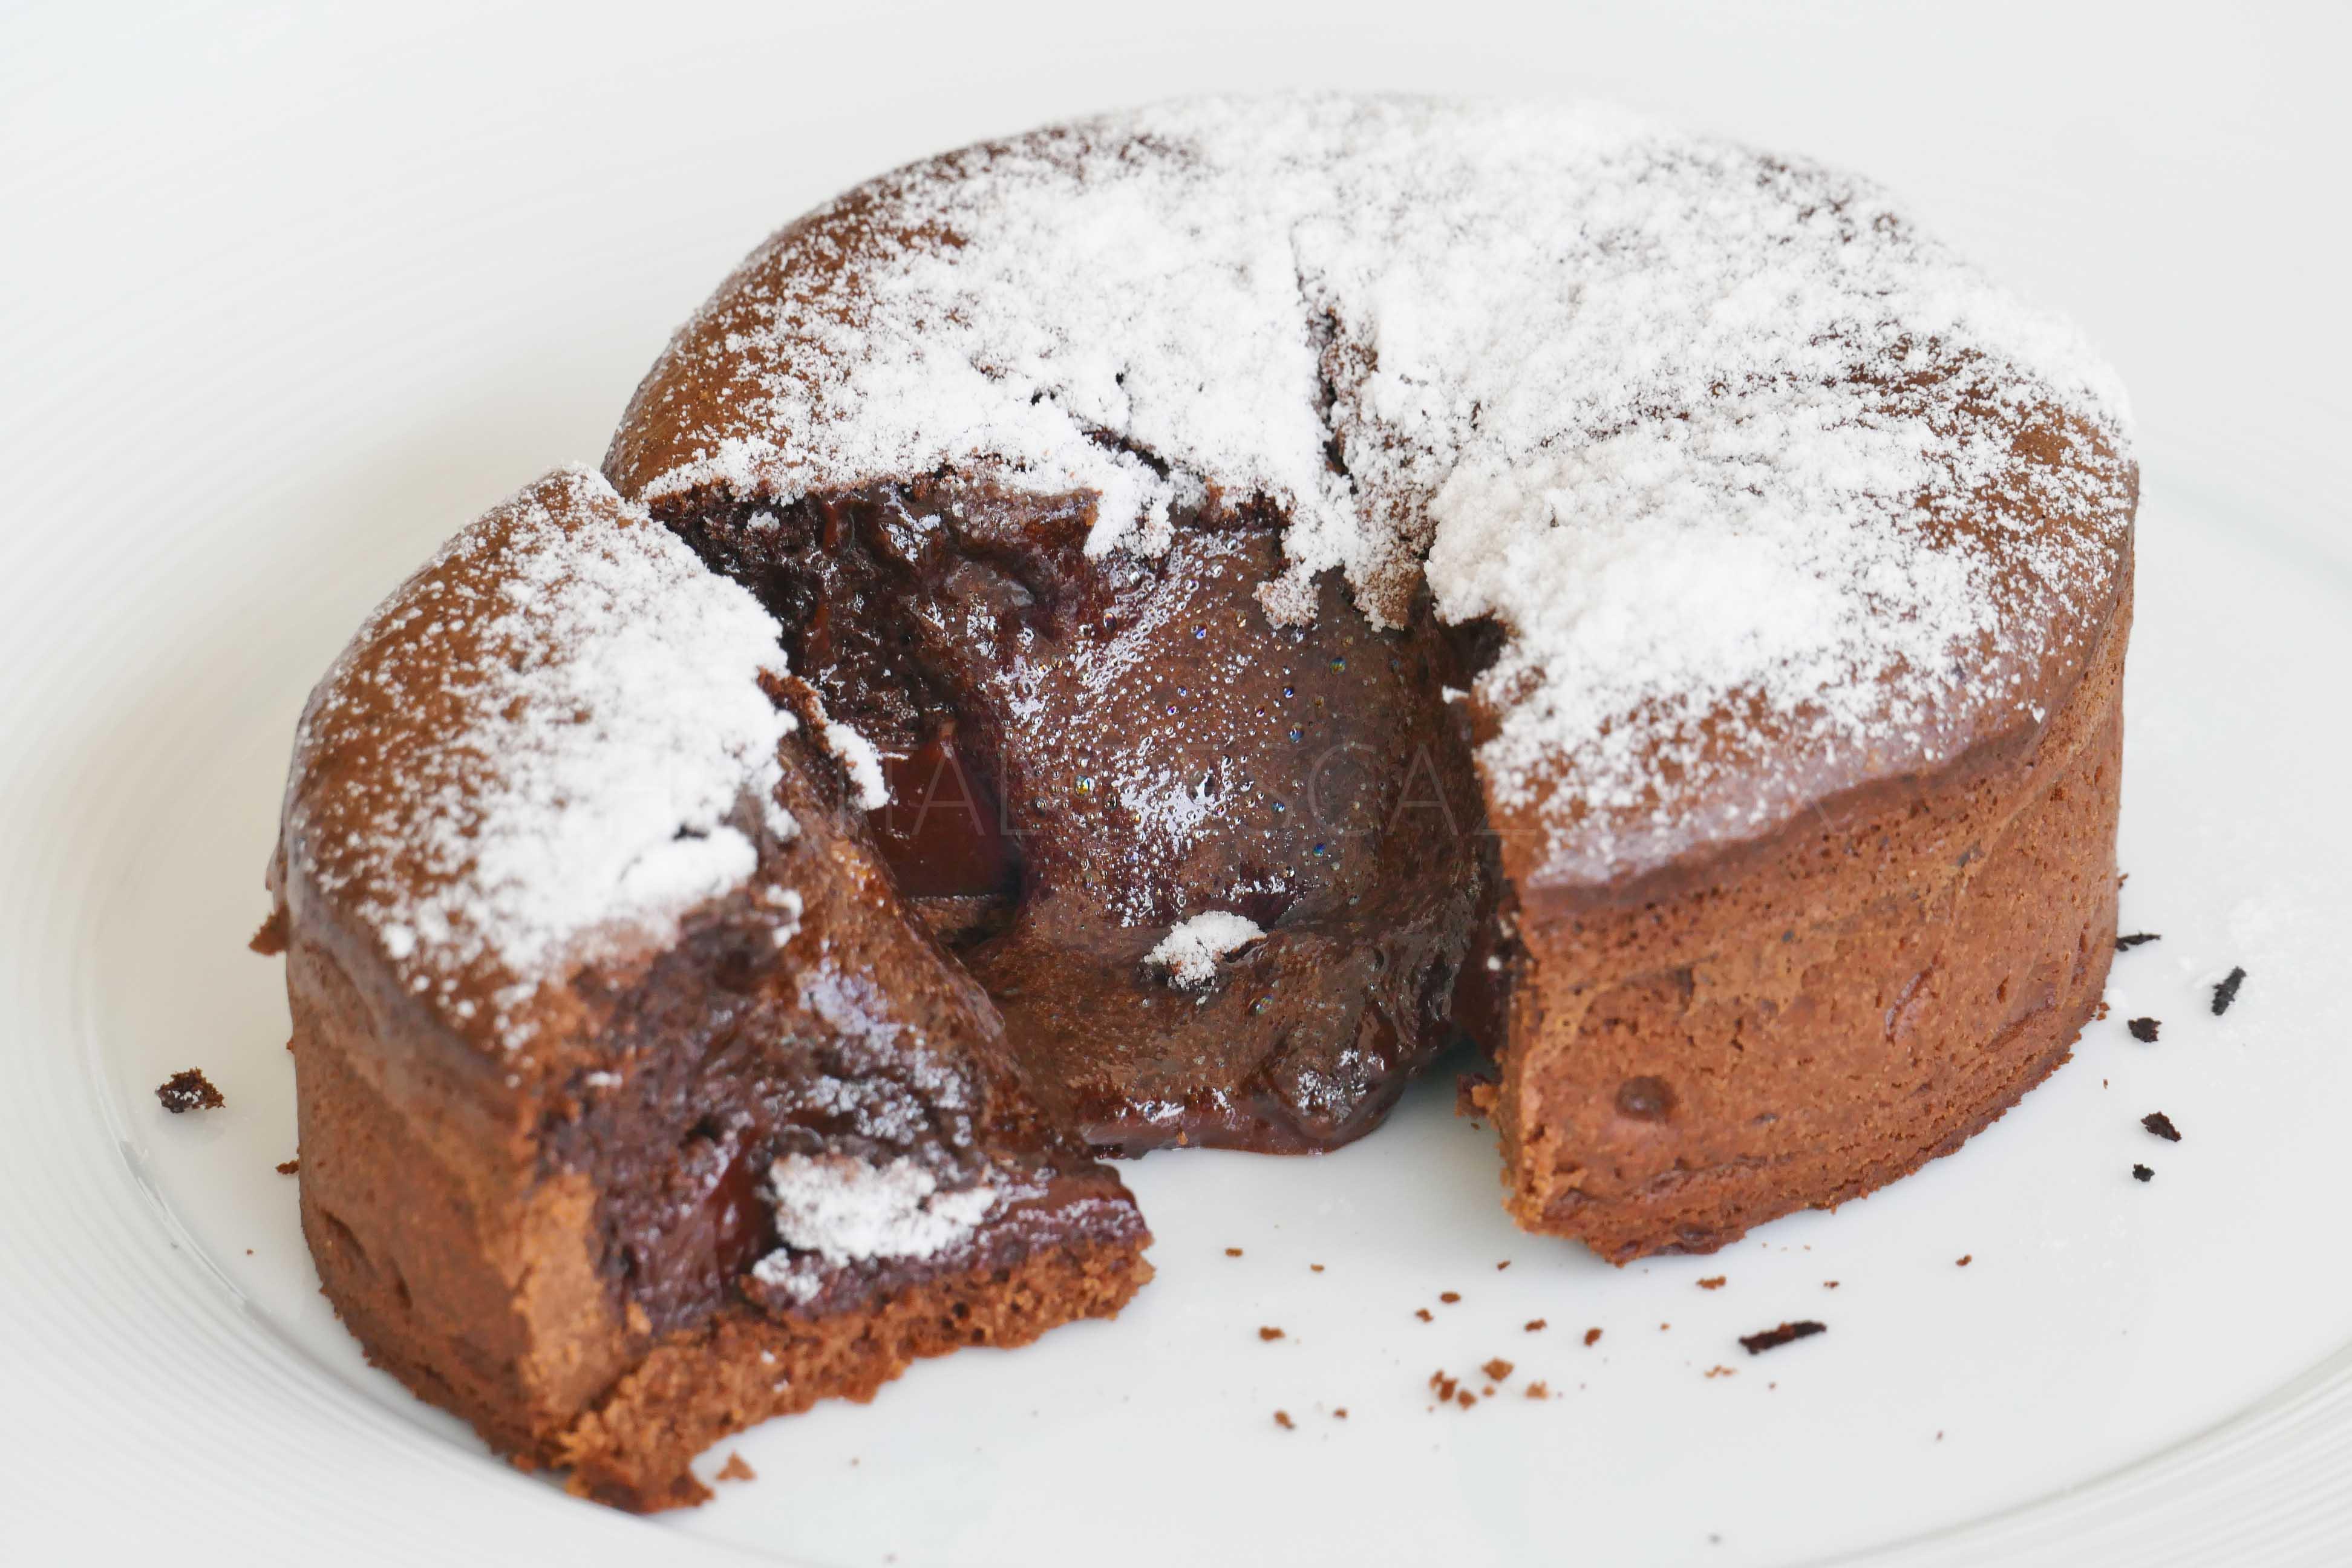 Tarte soufflée au chocolat de Cédric Grolet